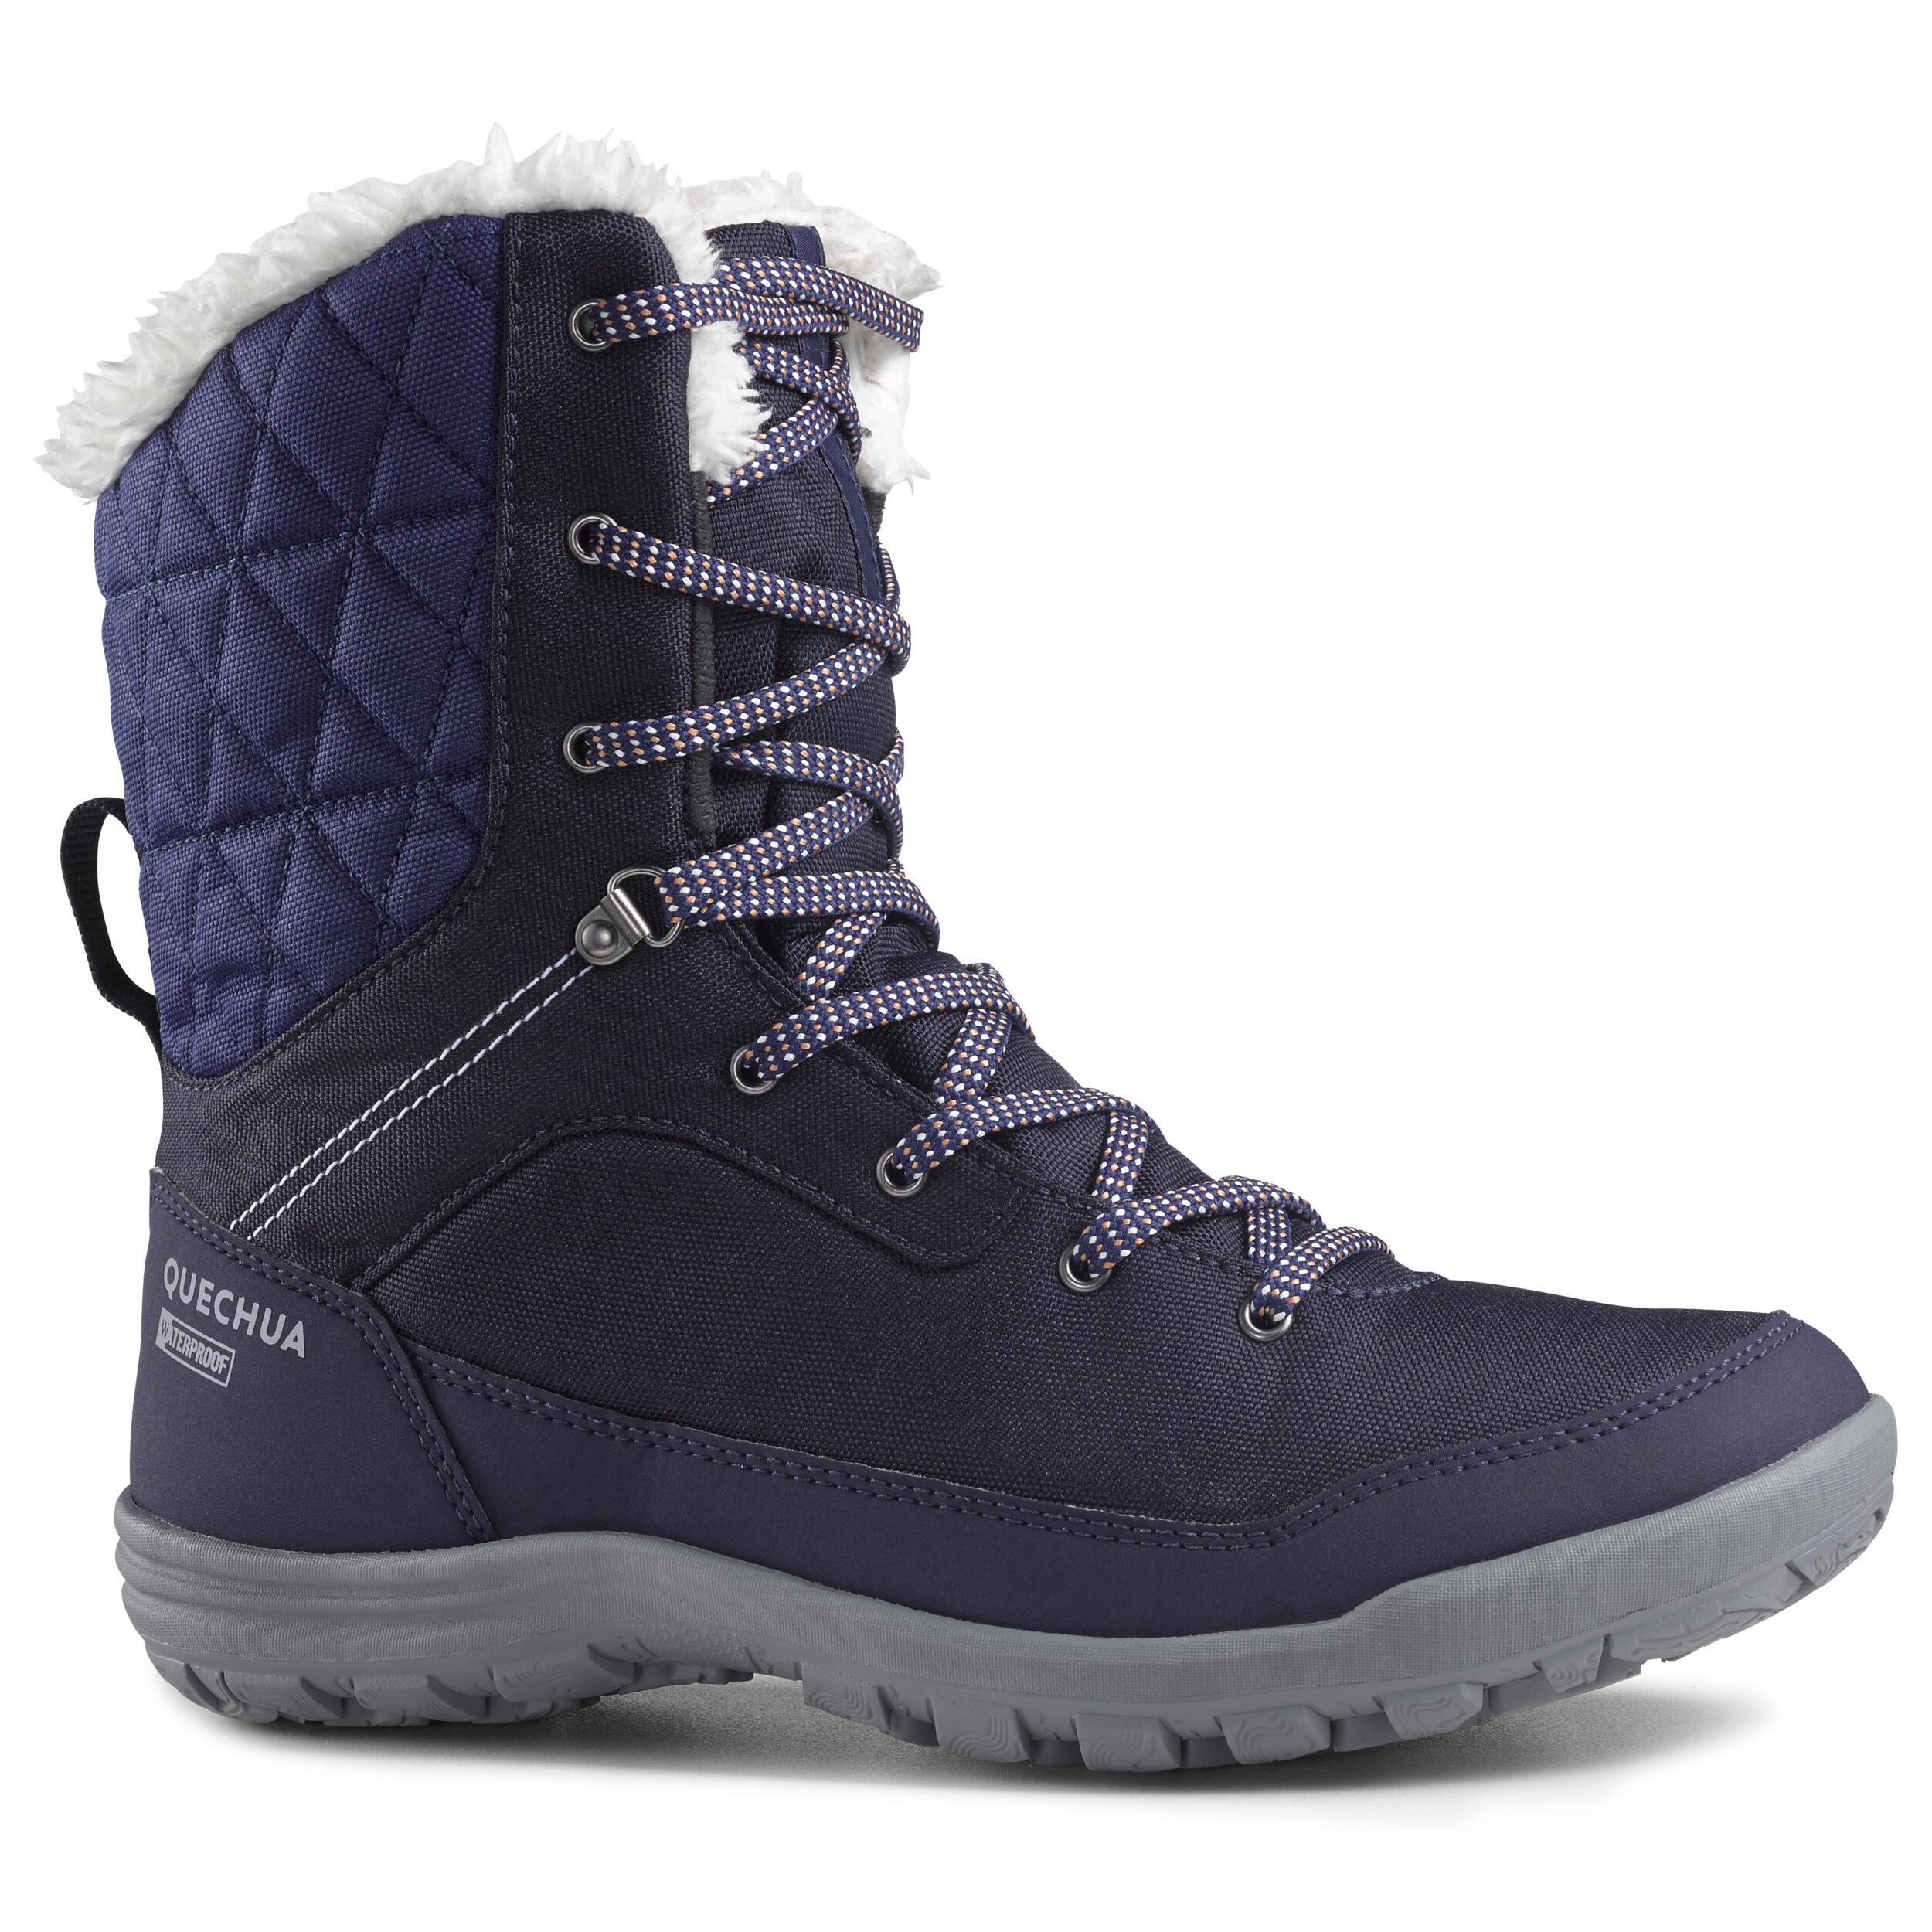 Winterstiefel Winterwandern SH100 Warm wasserdicht Damen   Schuhe > Stiefel > Winterstiefel   Quechua